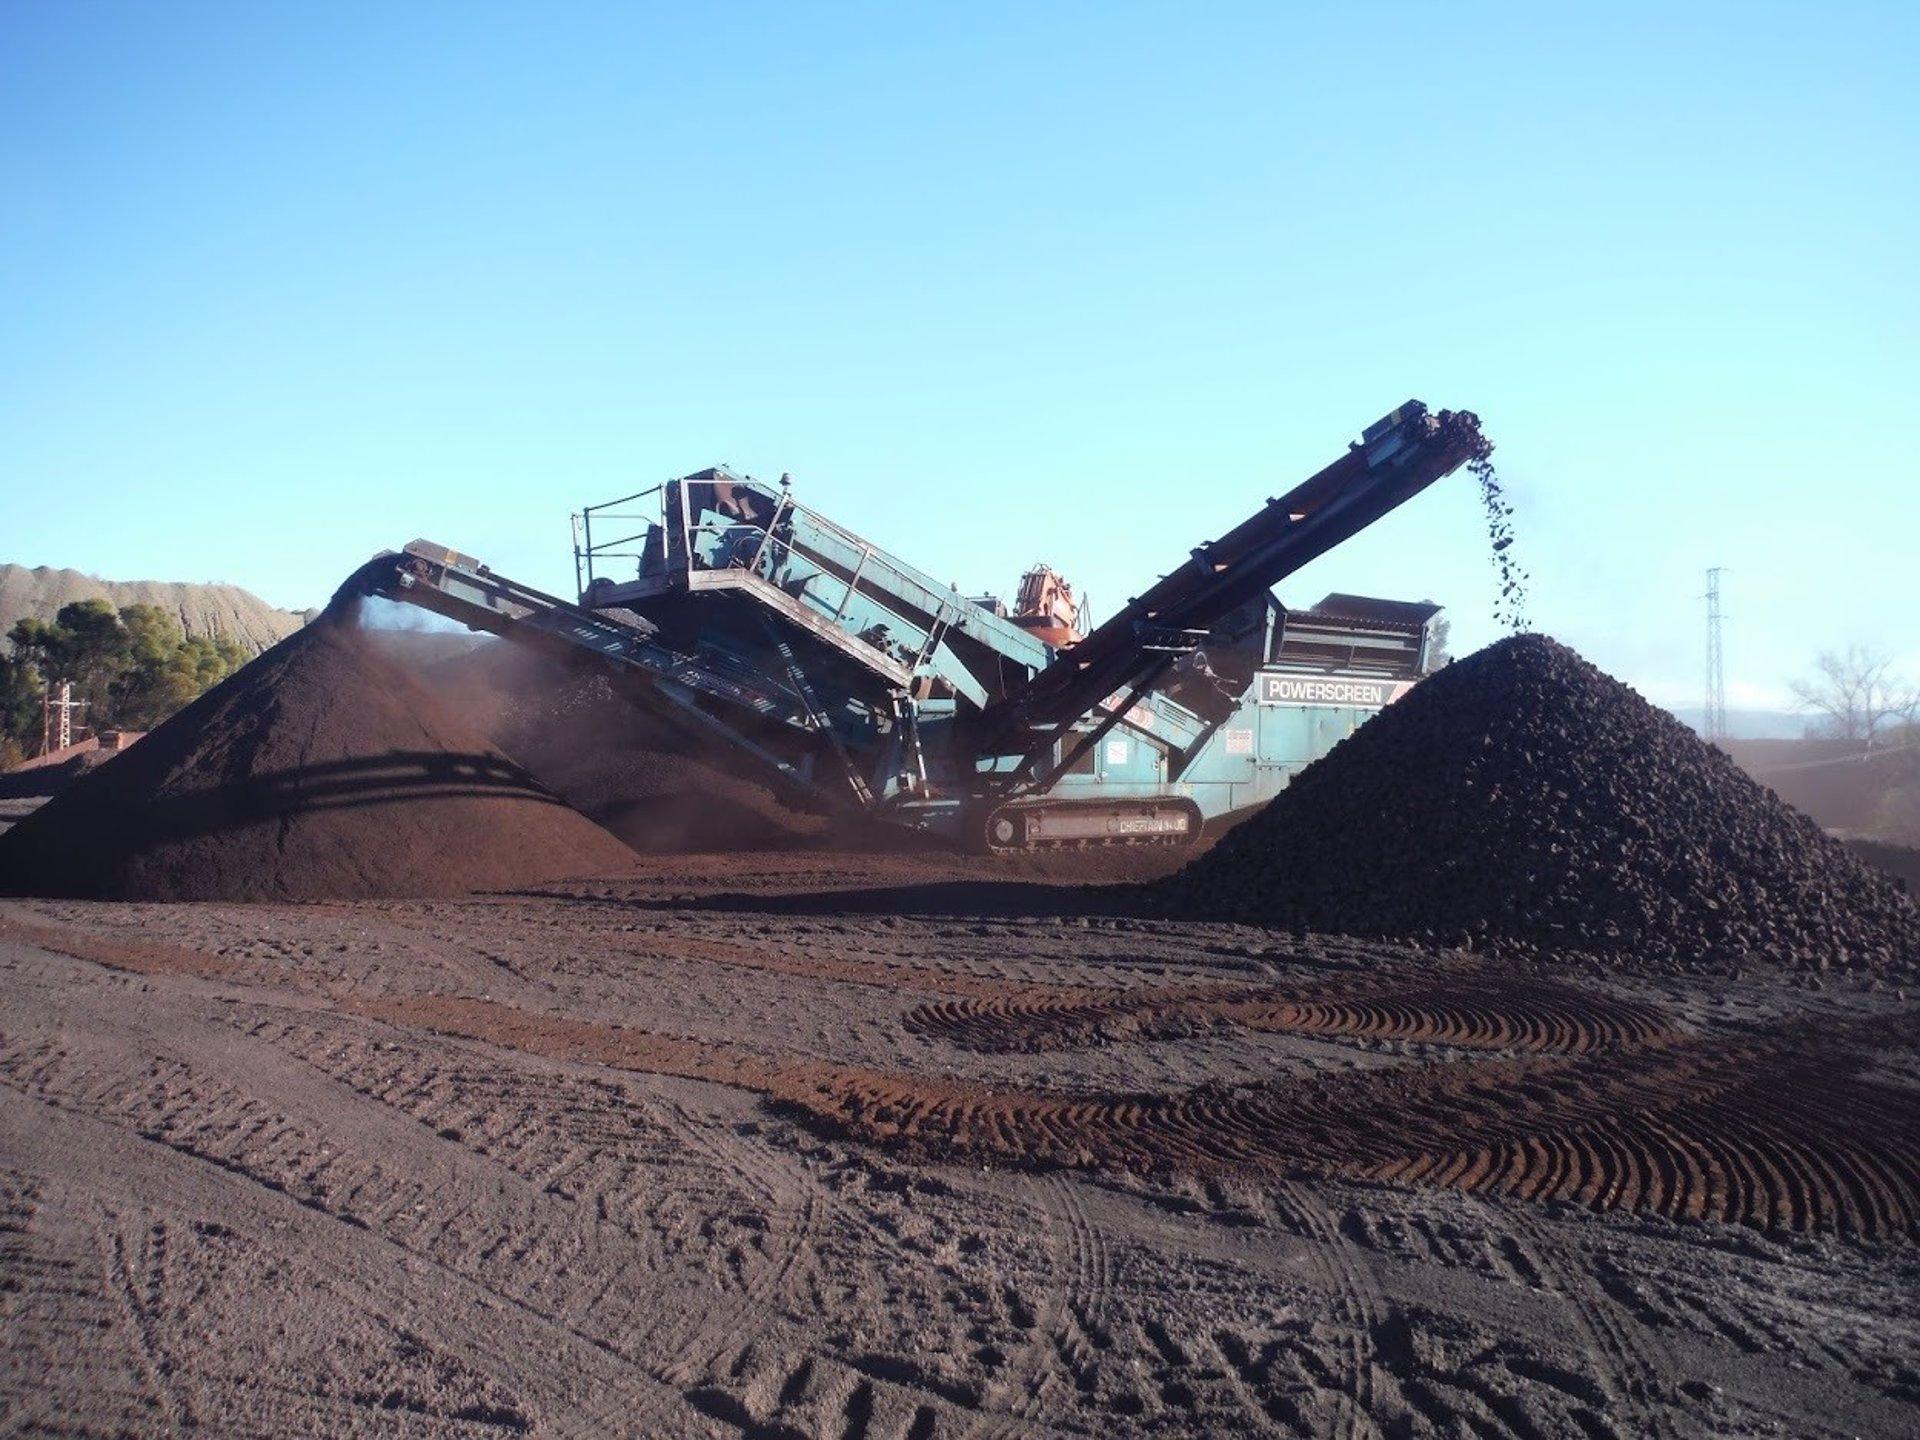 Minas de Alquife prepara la exportación de sus primeras 30.000 toneladas de hierro desde Málaga